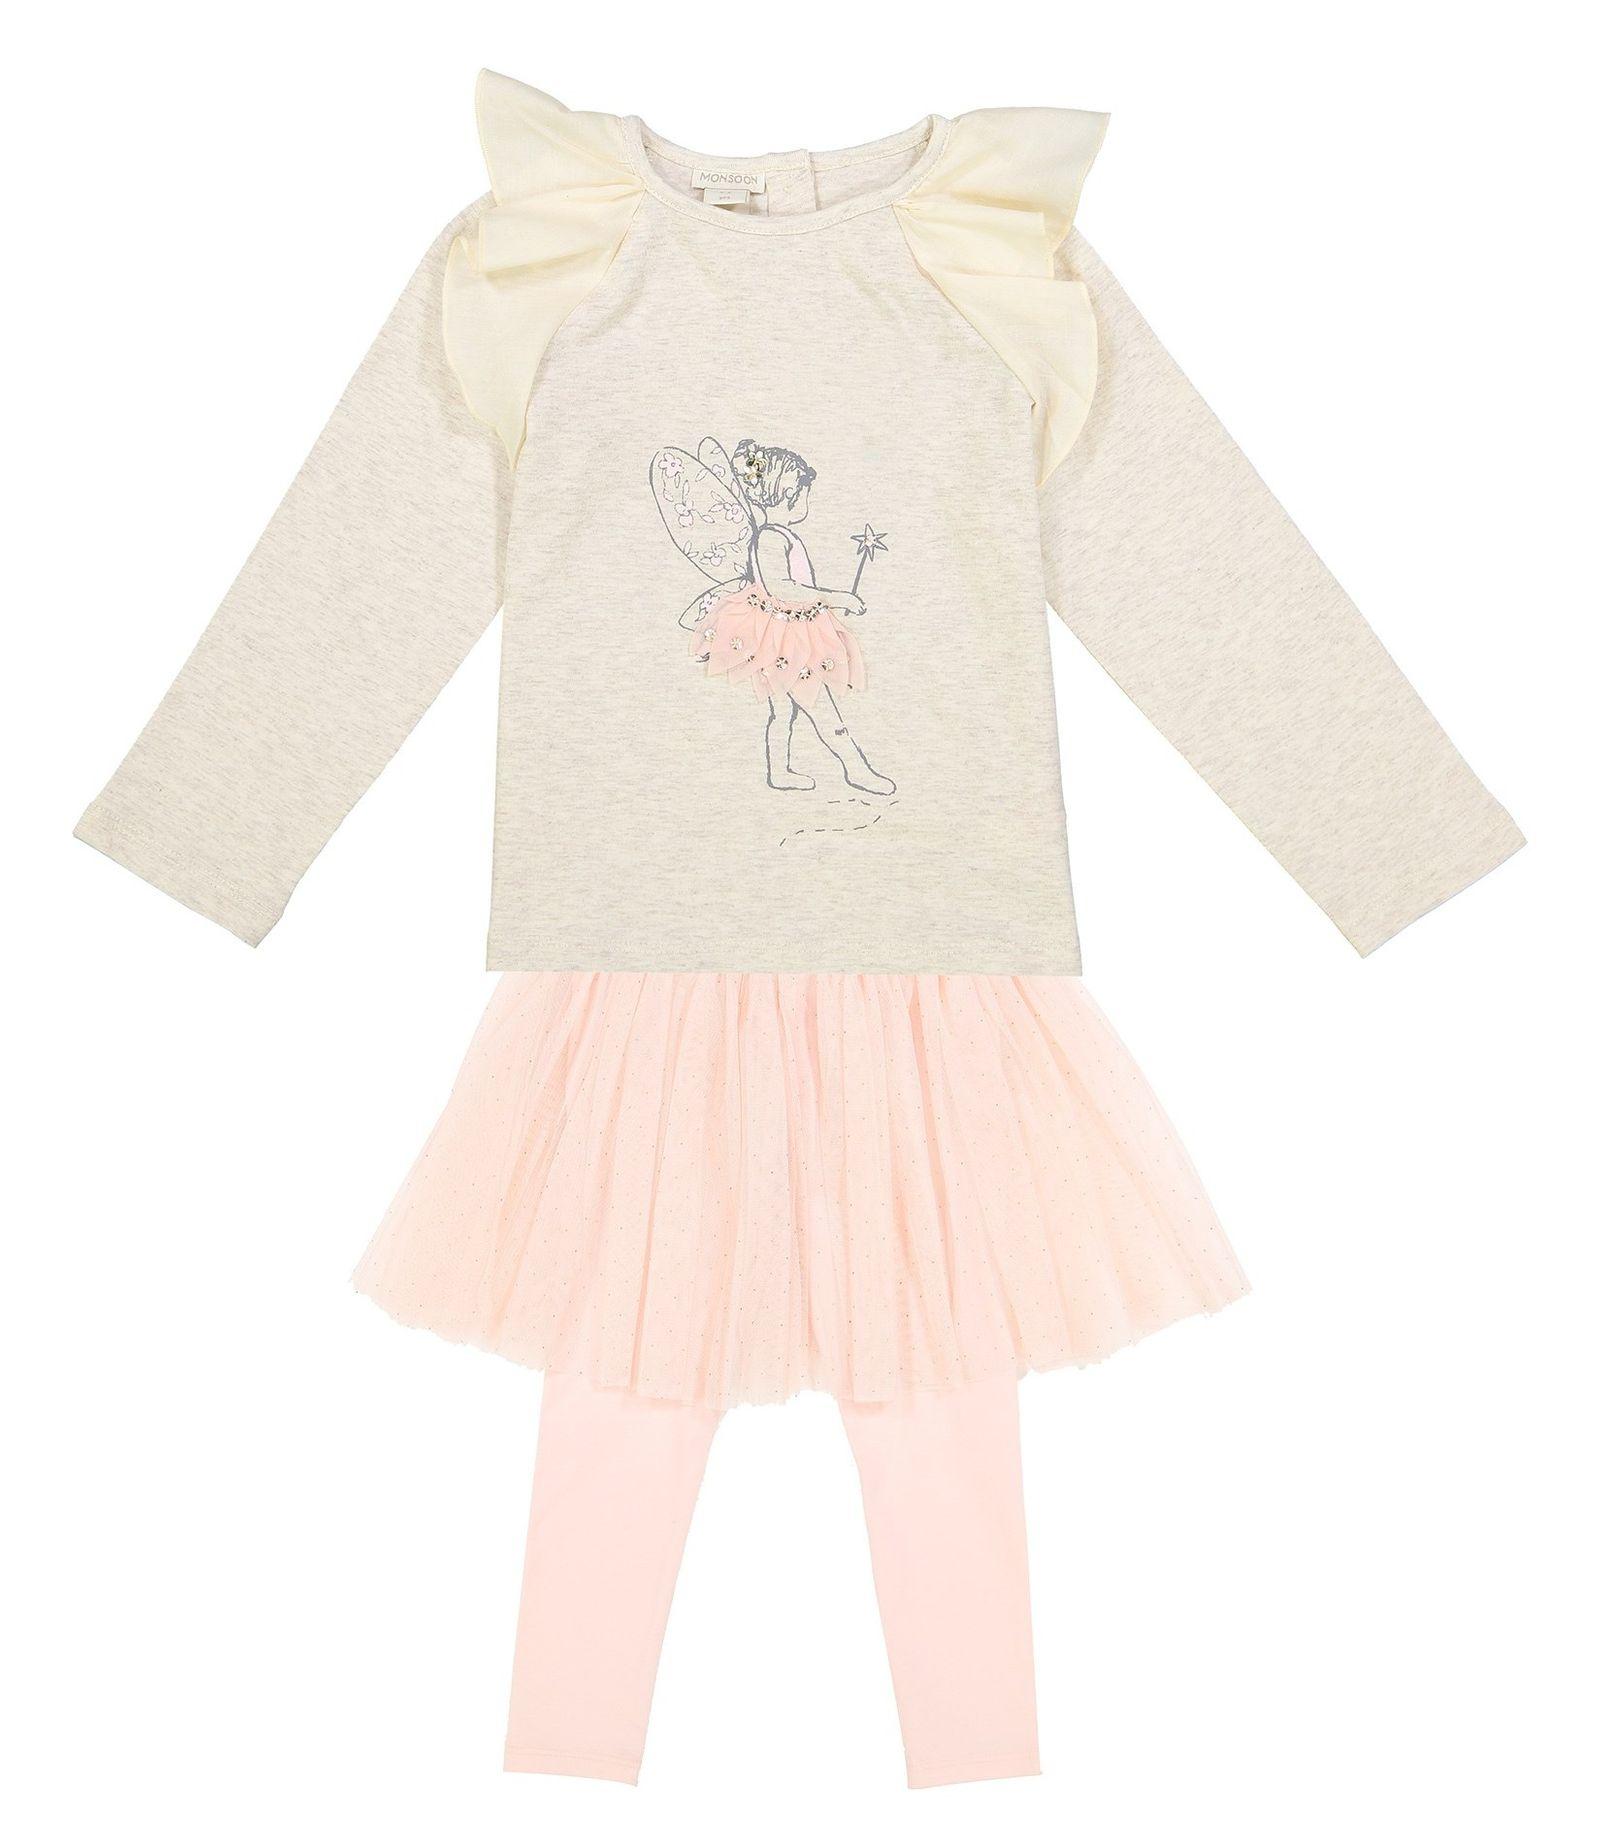 تی شرت و دامن نخی نوزادی دخترانه - مانسون چیلدرن - صورتي/طوسي - 1